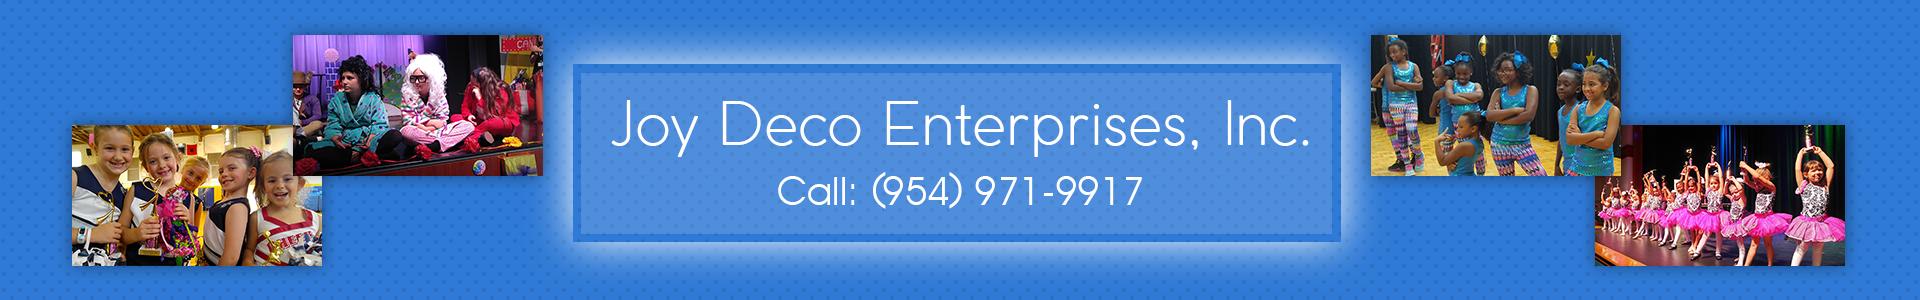 Joy Deco Enterprises